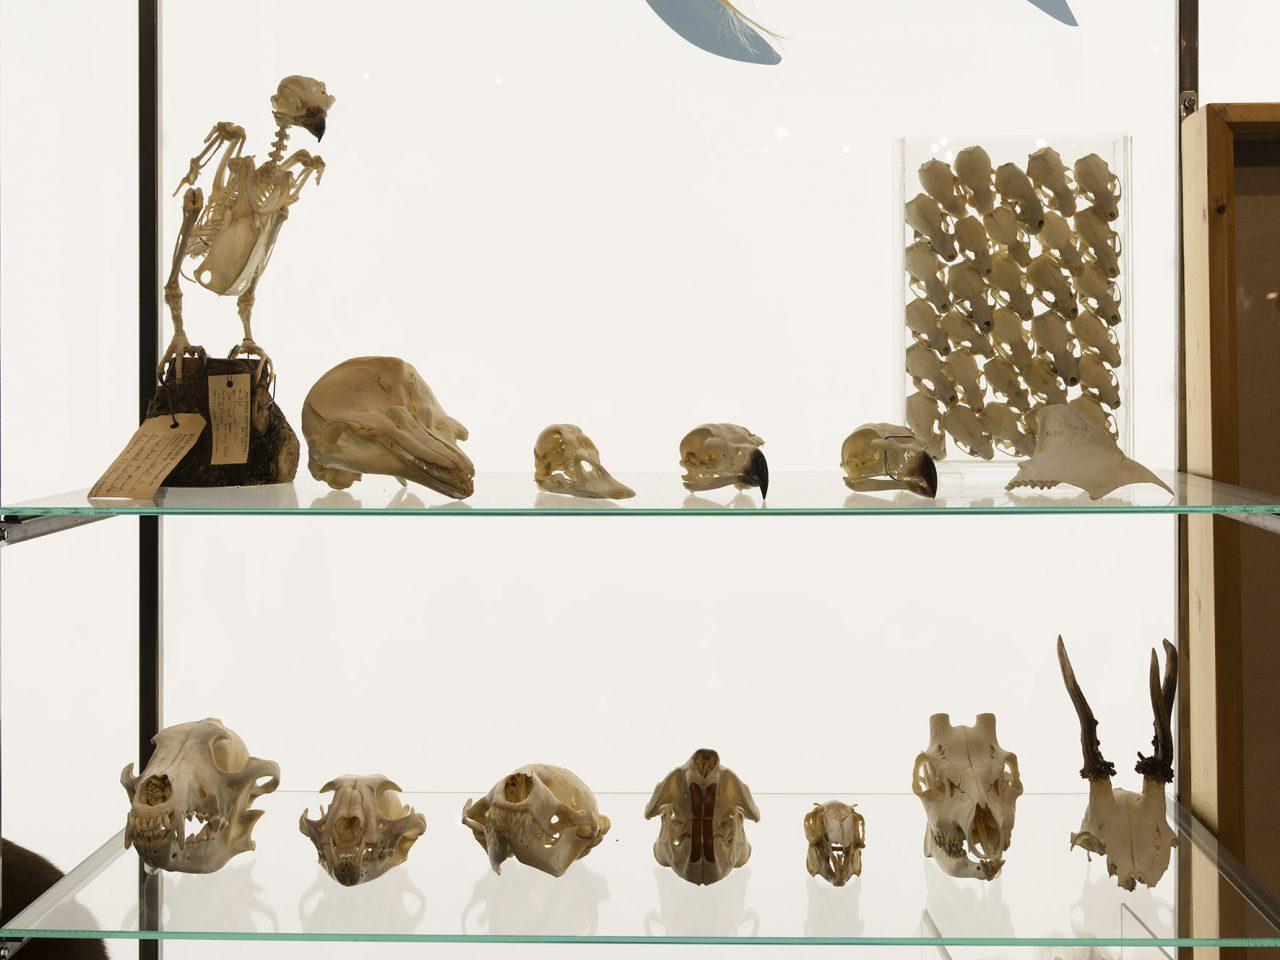 Skjellet og dyreskaller utstilt ved Rana museum